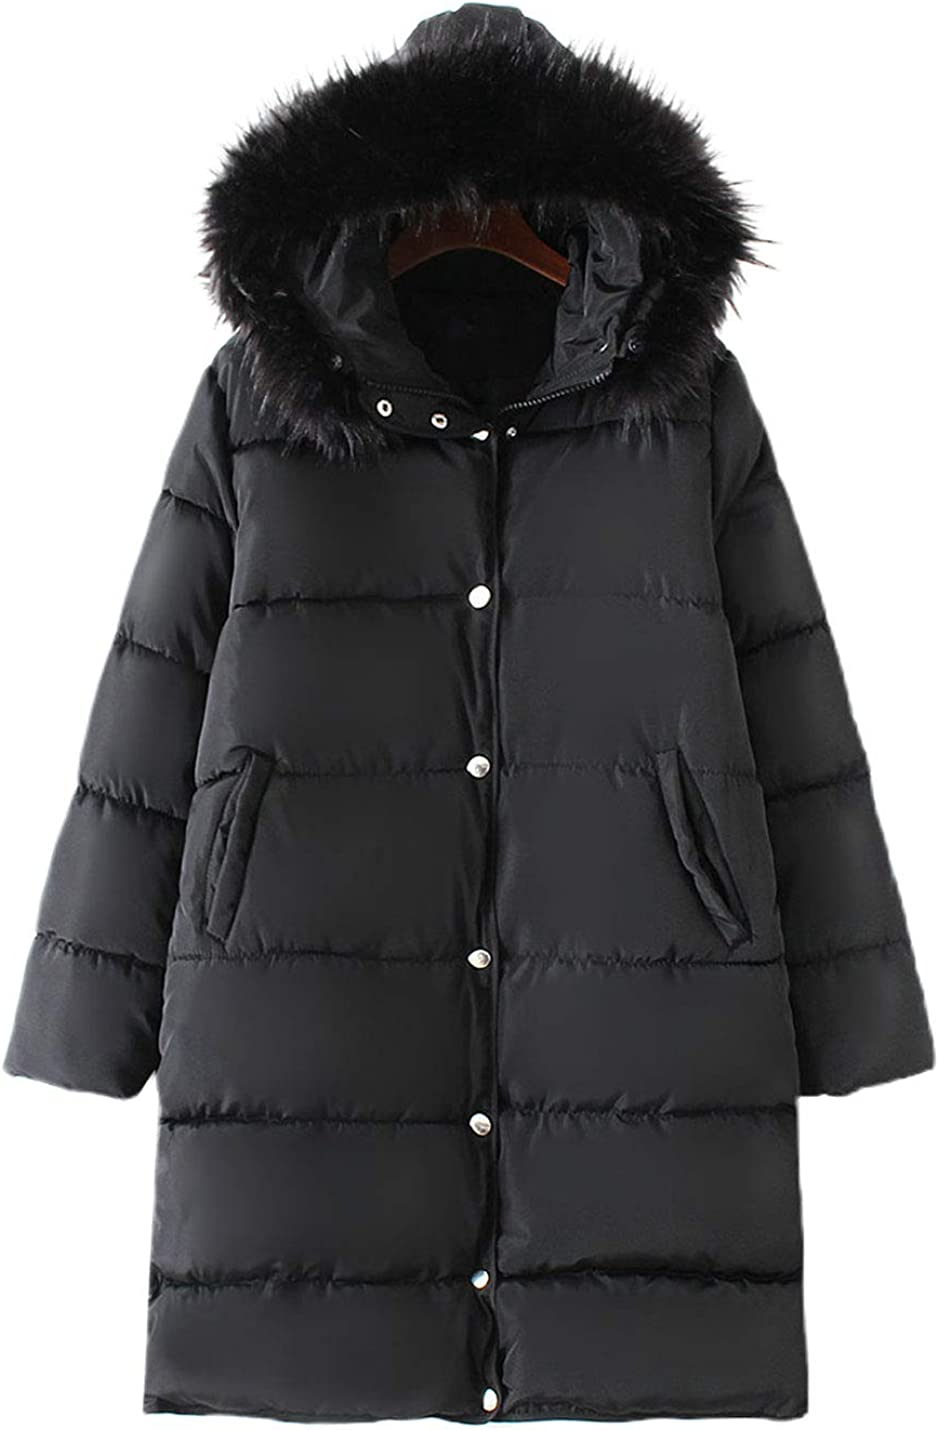 PUWEI Women's Faux Fur Hood Loose Puffer Coat Mid Long Padded Jacket Tops